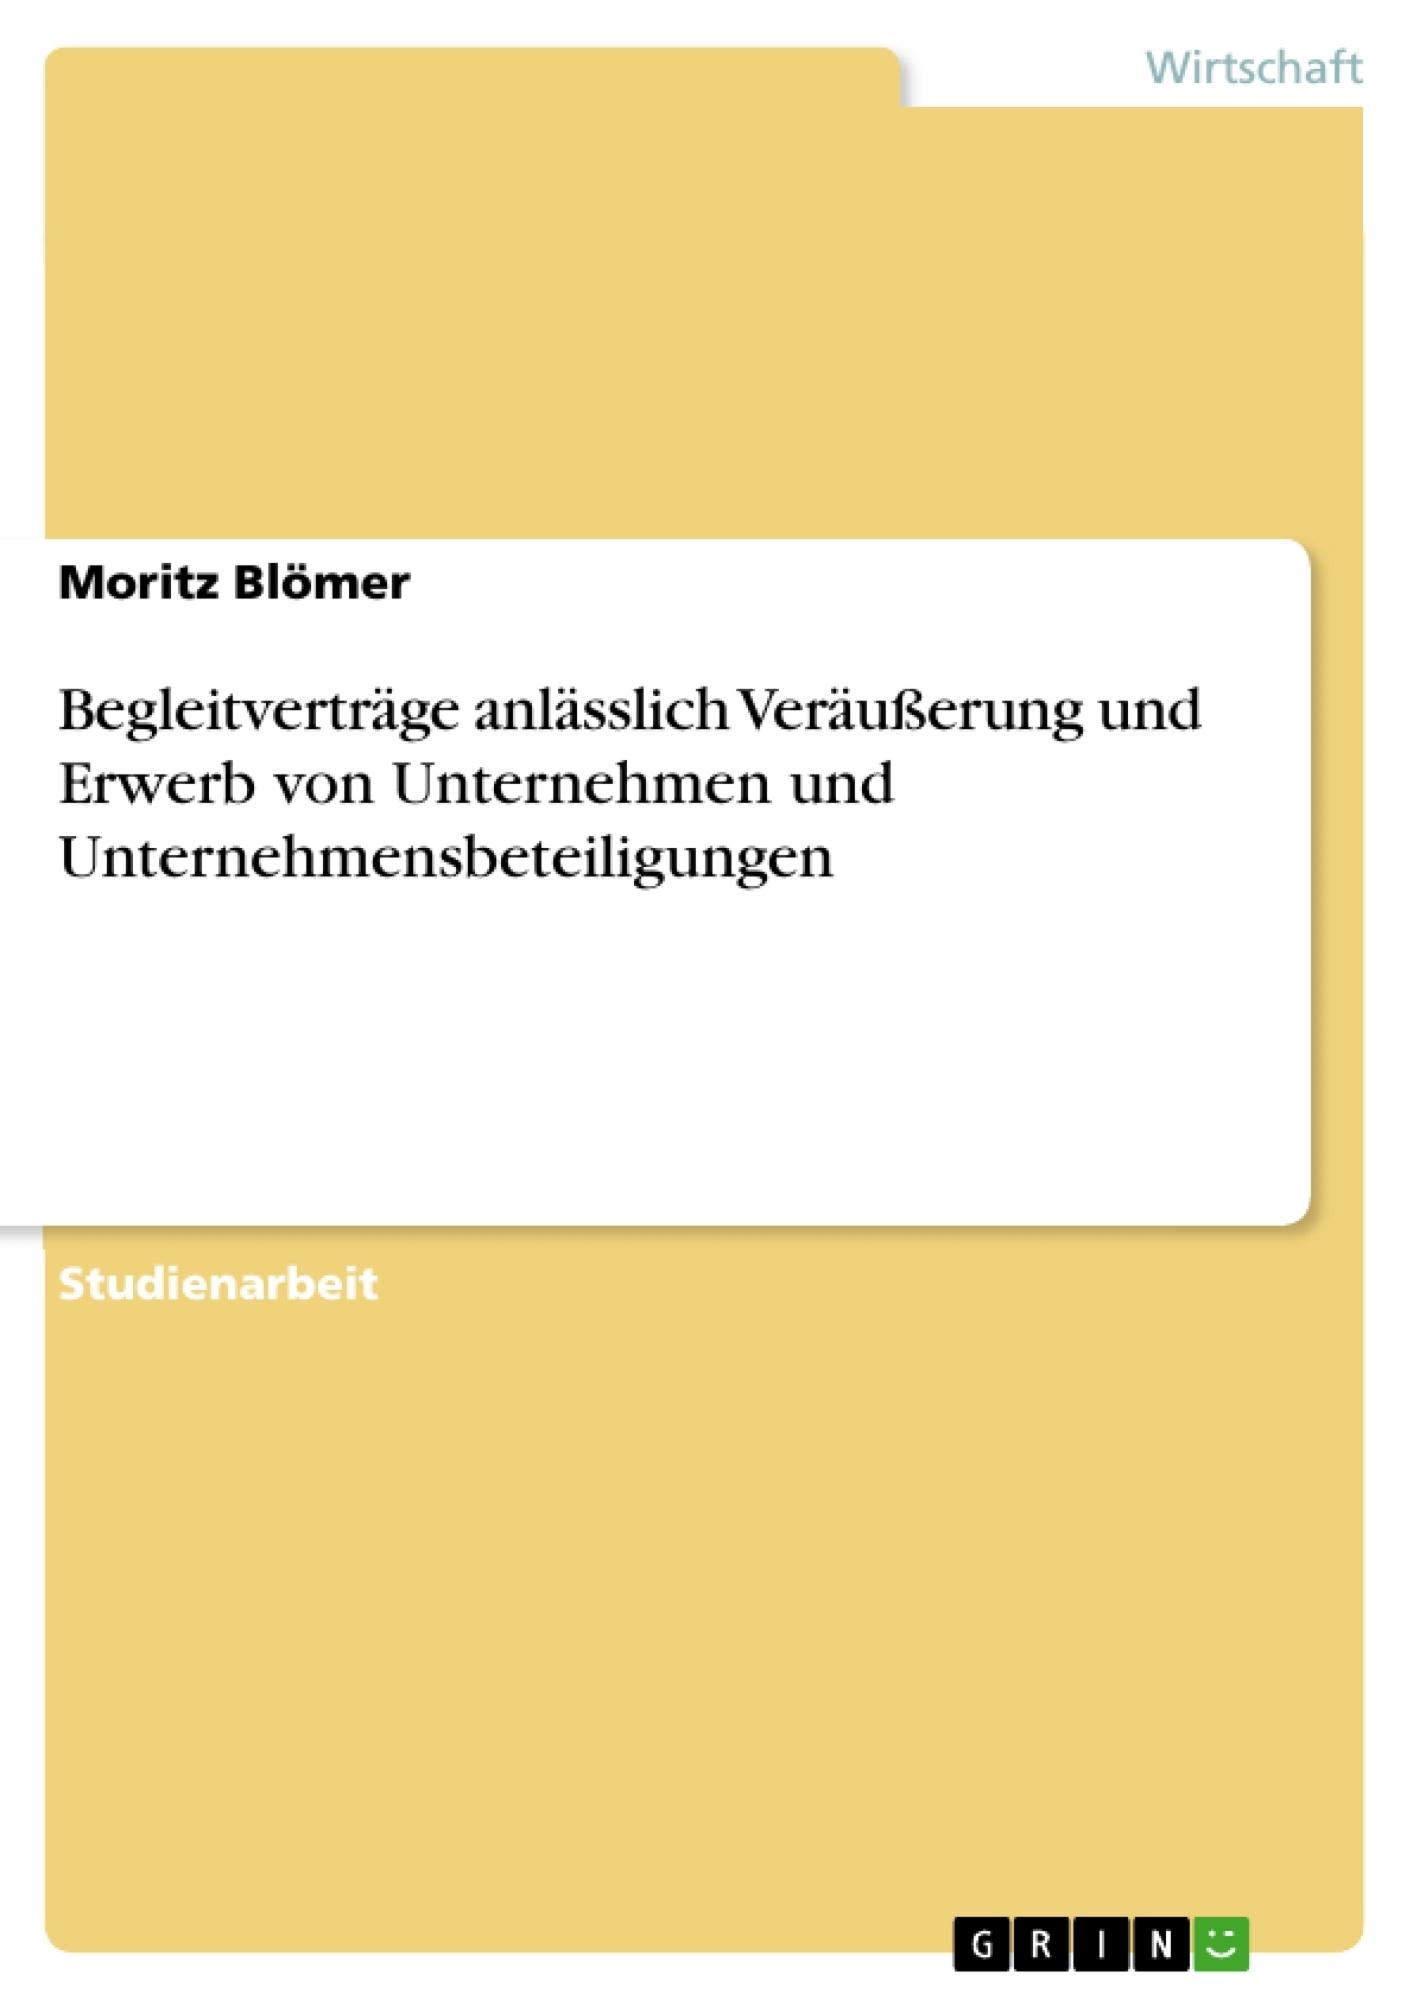 Titel: Begleitverträge anlässlich Veräußerung und Erwerb von Unternehmen und Unternehmensbeteiligungen